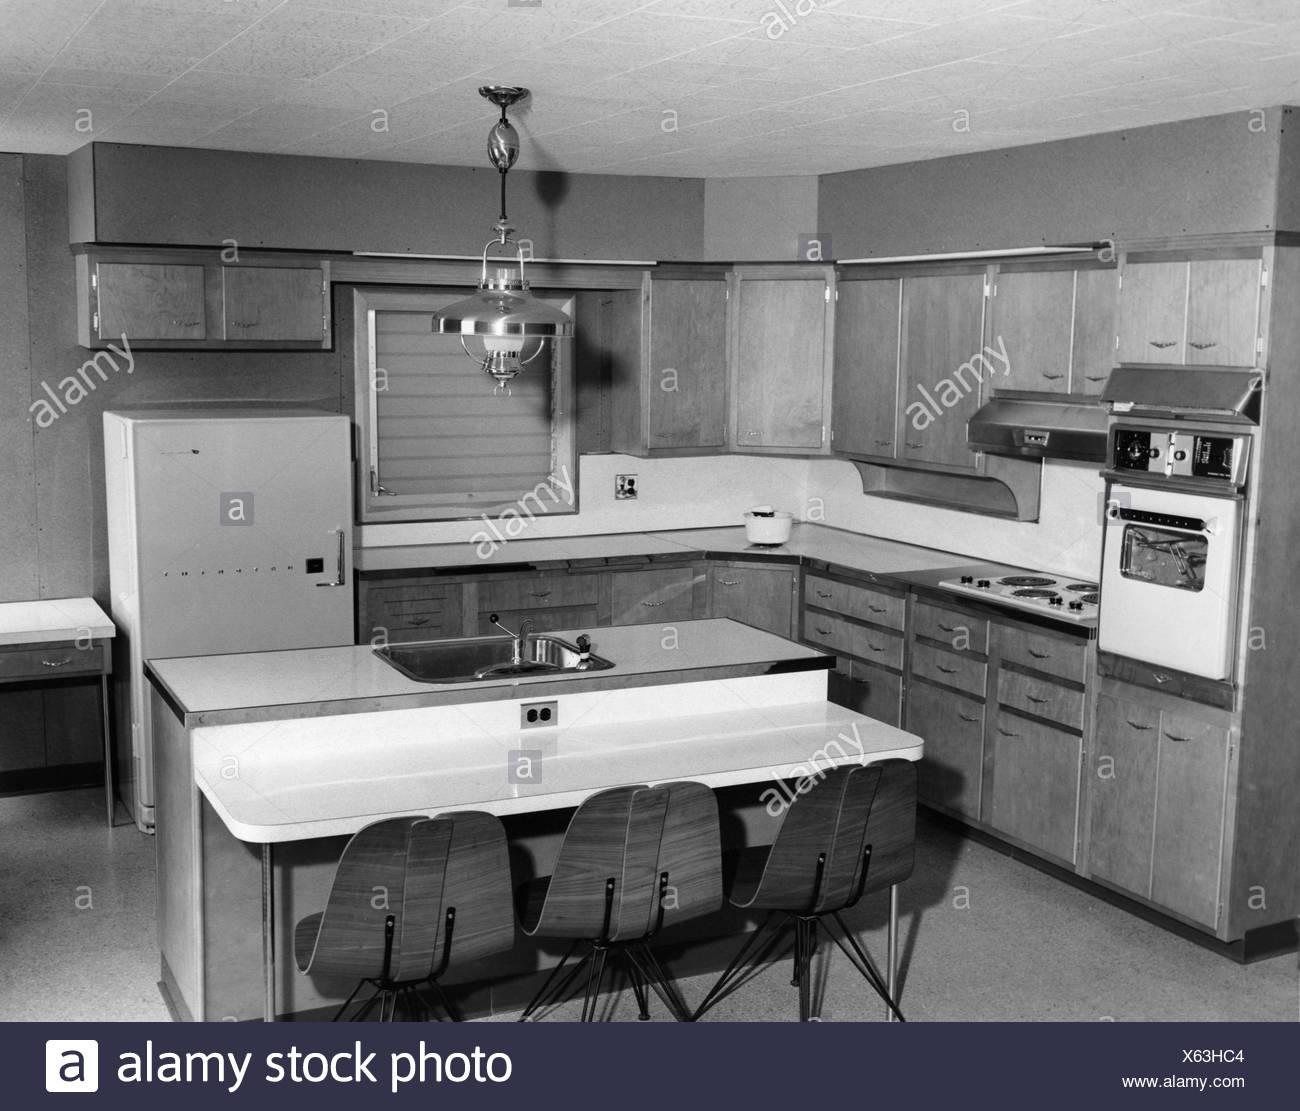 Cuisine Américaine Style Année 50 1950 kitchen photos & 1950 kitchen images - alamy